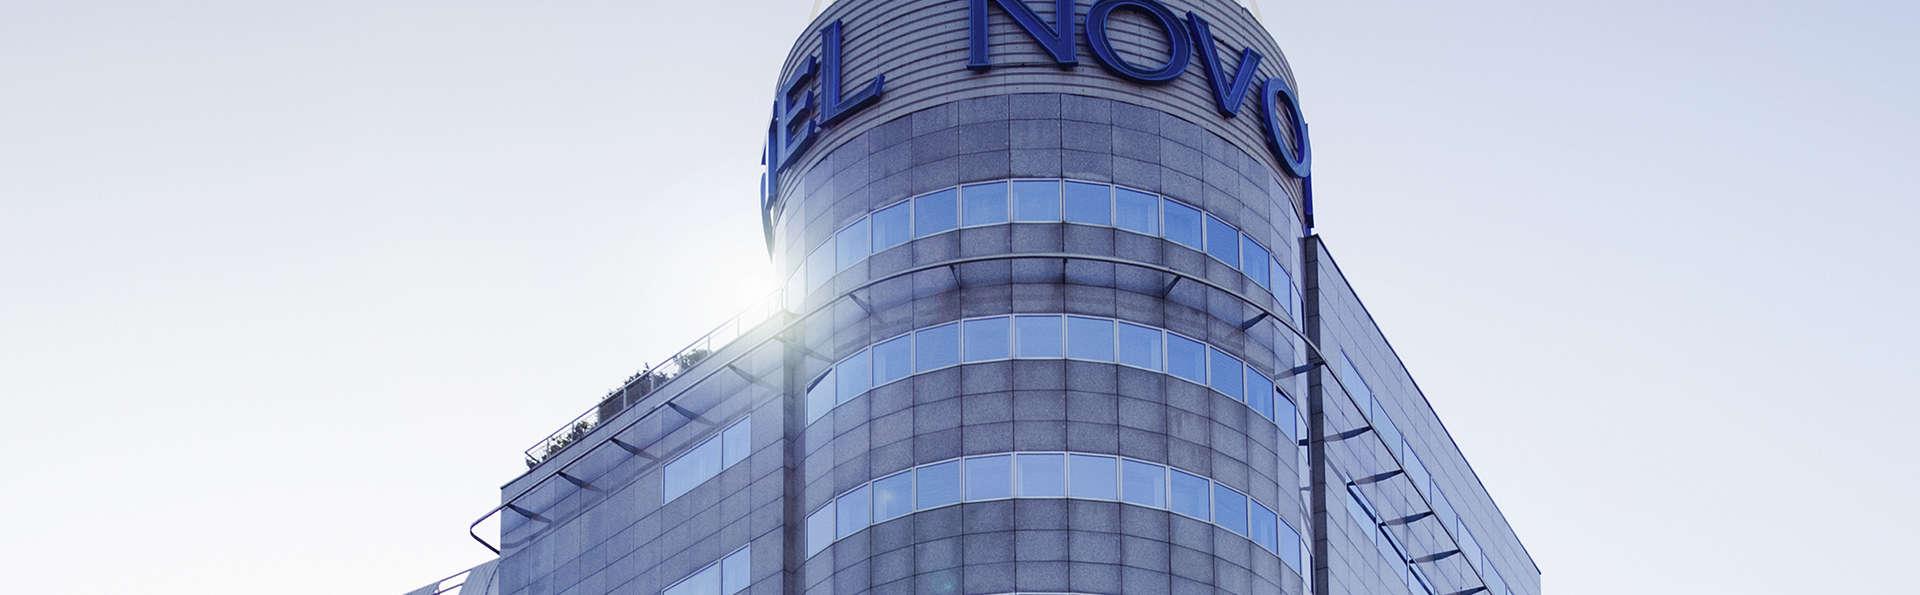 Hôtel Novotel Paris 14 Porte d'Orléans - EDIT_NOVOTEL_PARIS_14_PORTE_D_ORLE_ANS-2.jpg